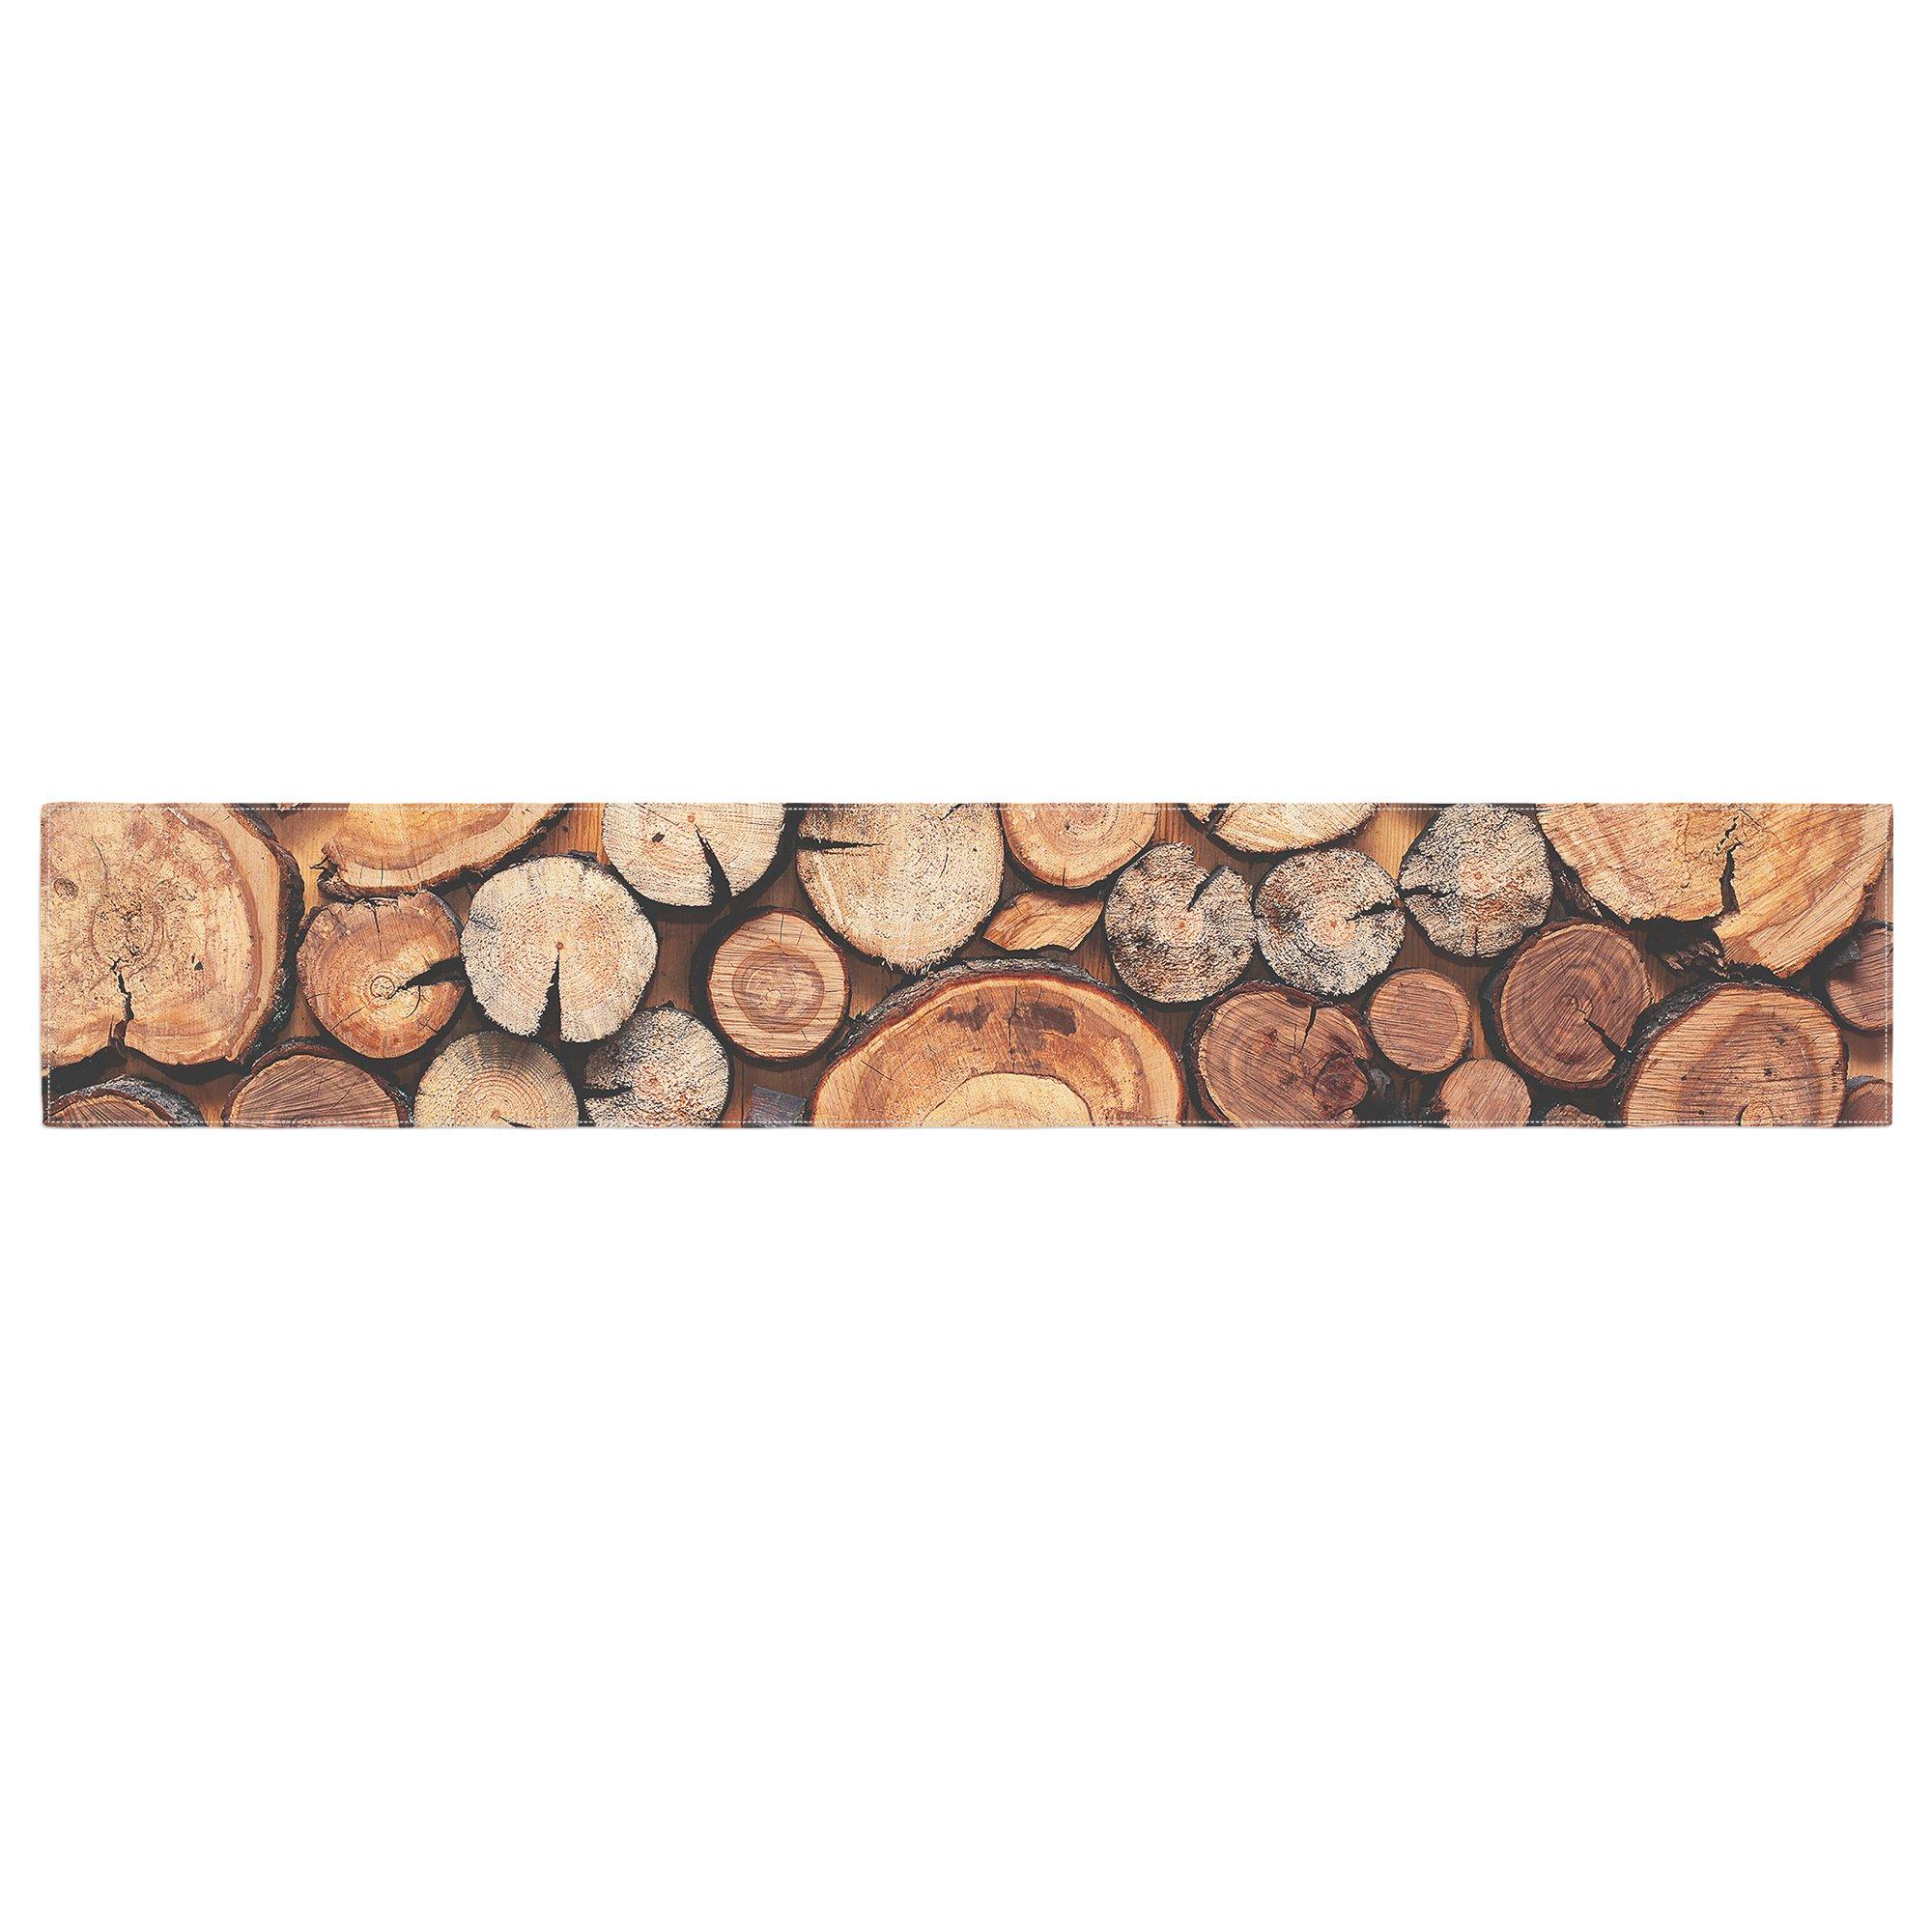 KESS InHouse Susan Sanders ''Rustic Wood Logs'' Brown Tan Table Runner, 16'' x 90''